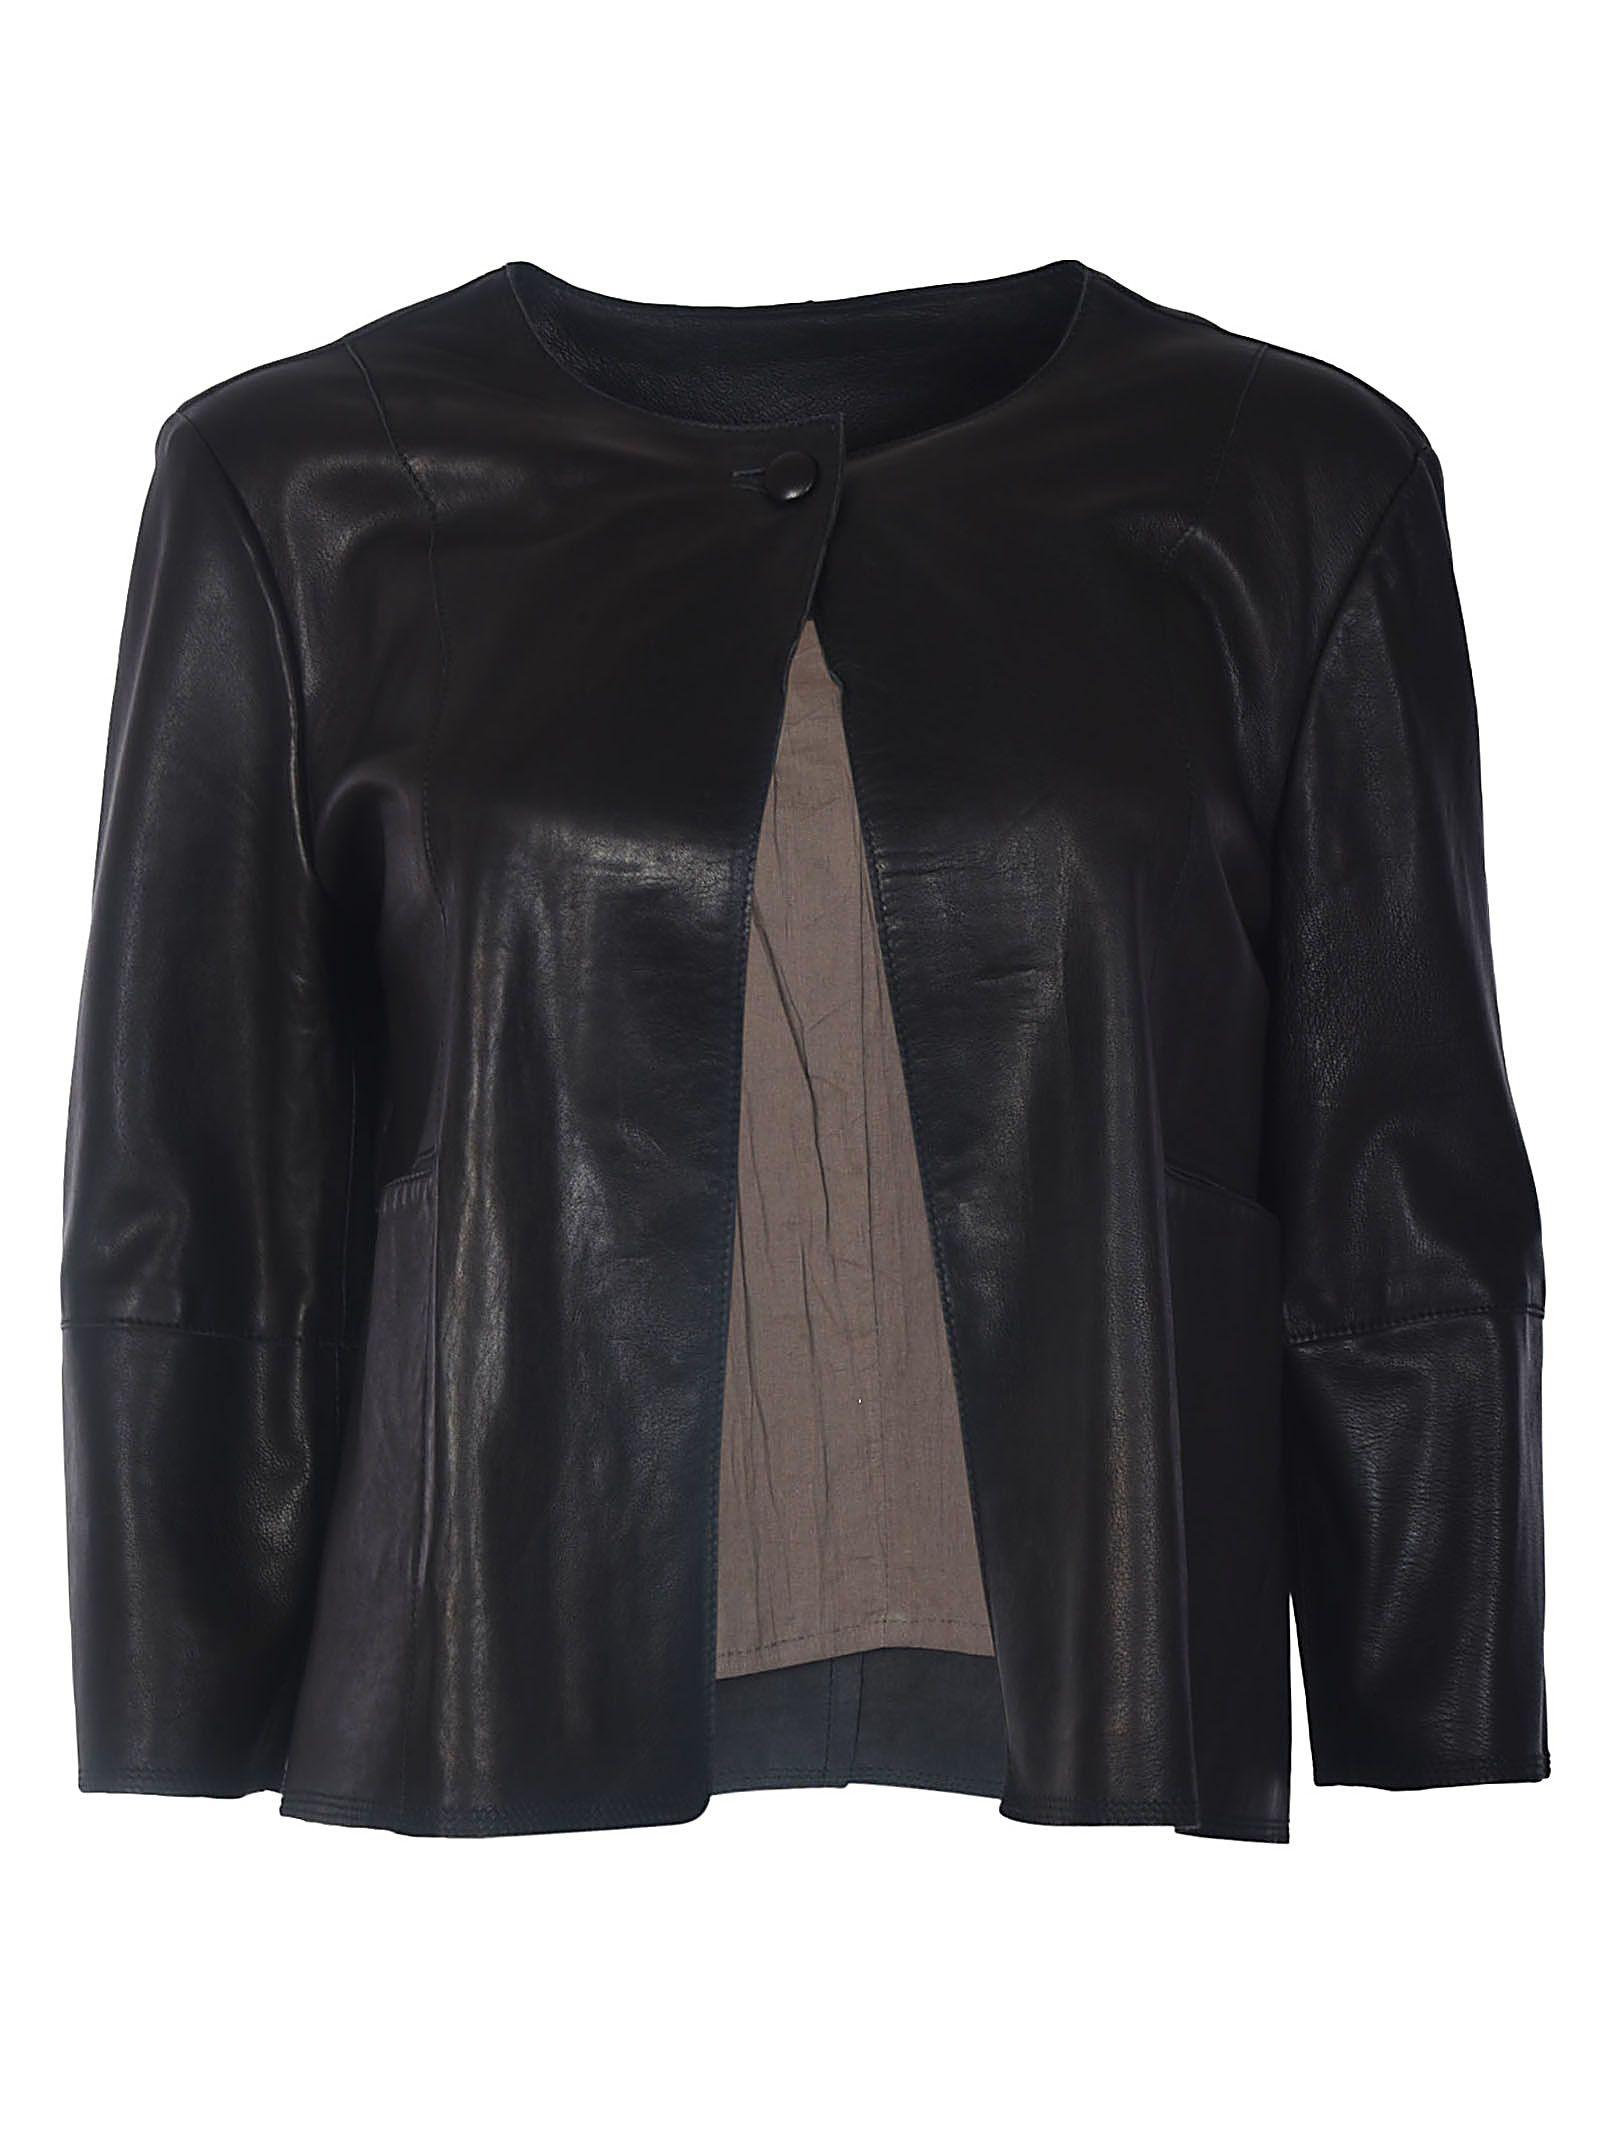 8d36ecb8f79e S.W.O.R.D 6.6.44 S.w.o.r.d Cropped Leather Jacket - BLACK ...